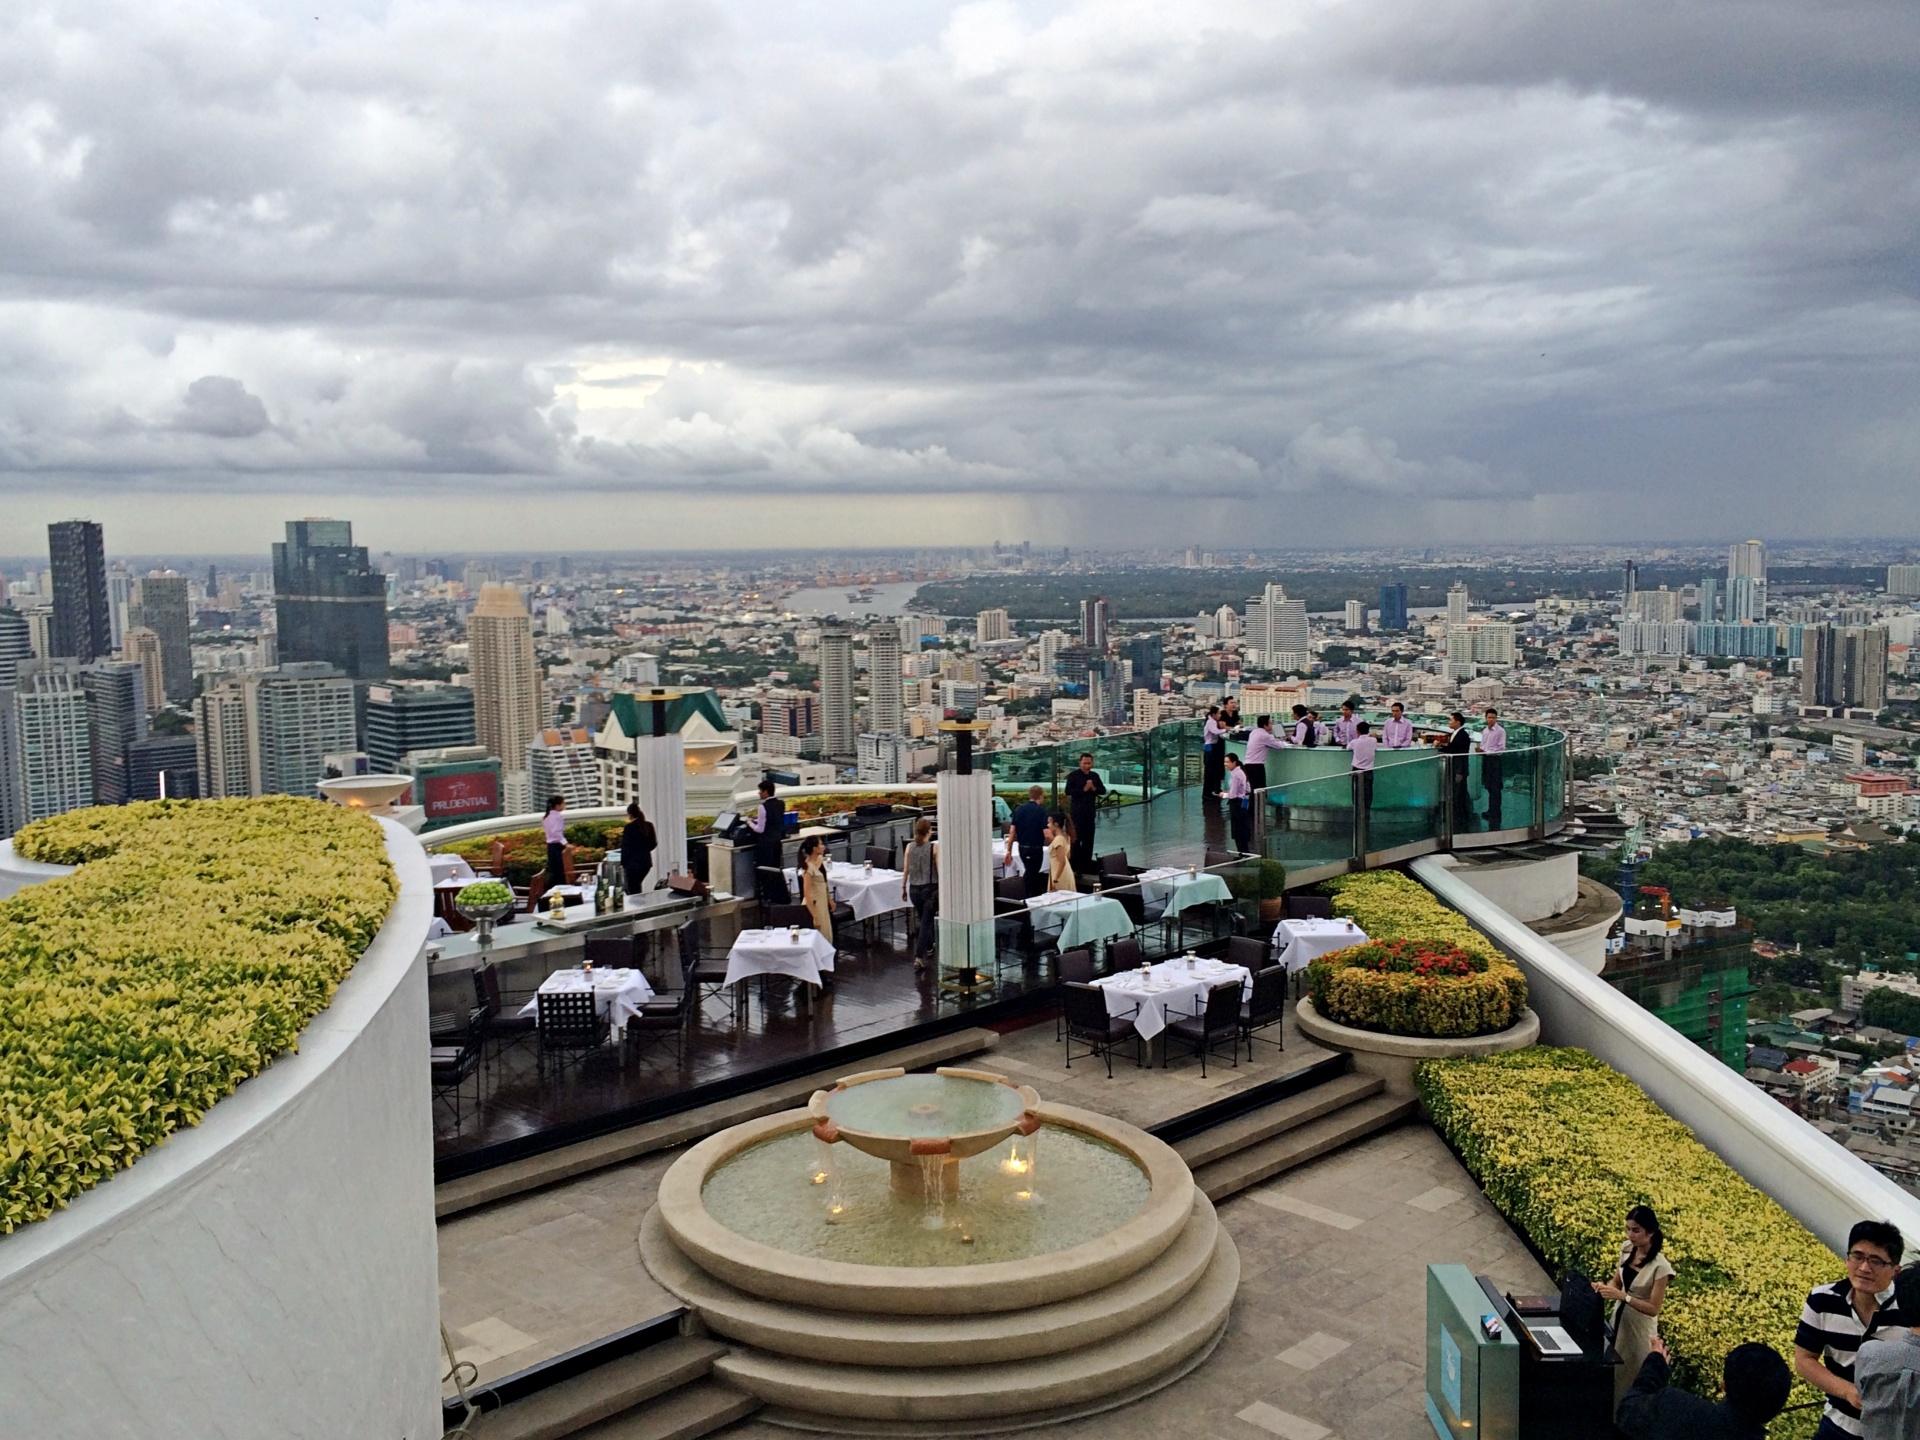 vany visits thailand bangkok 2